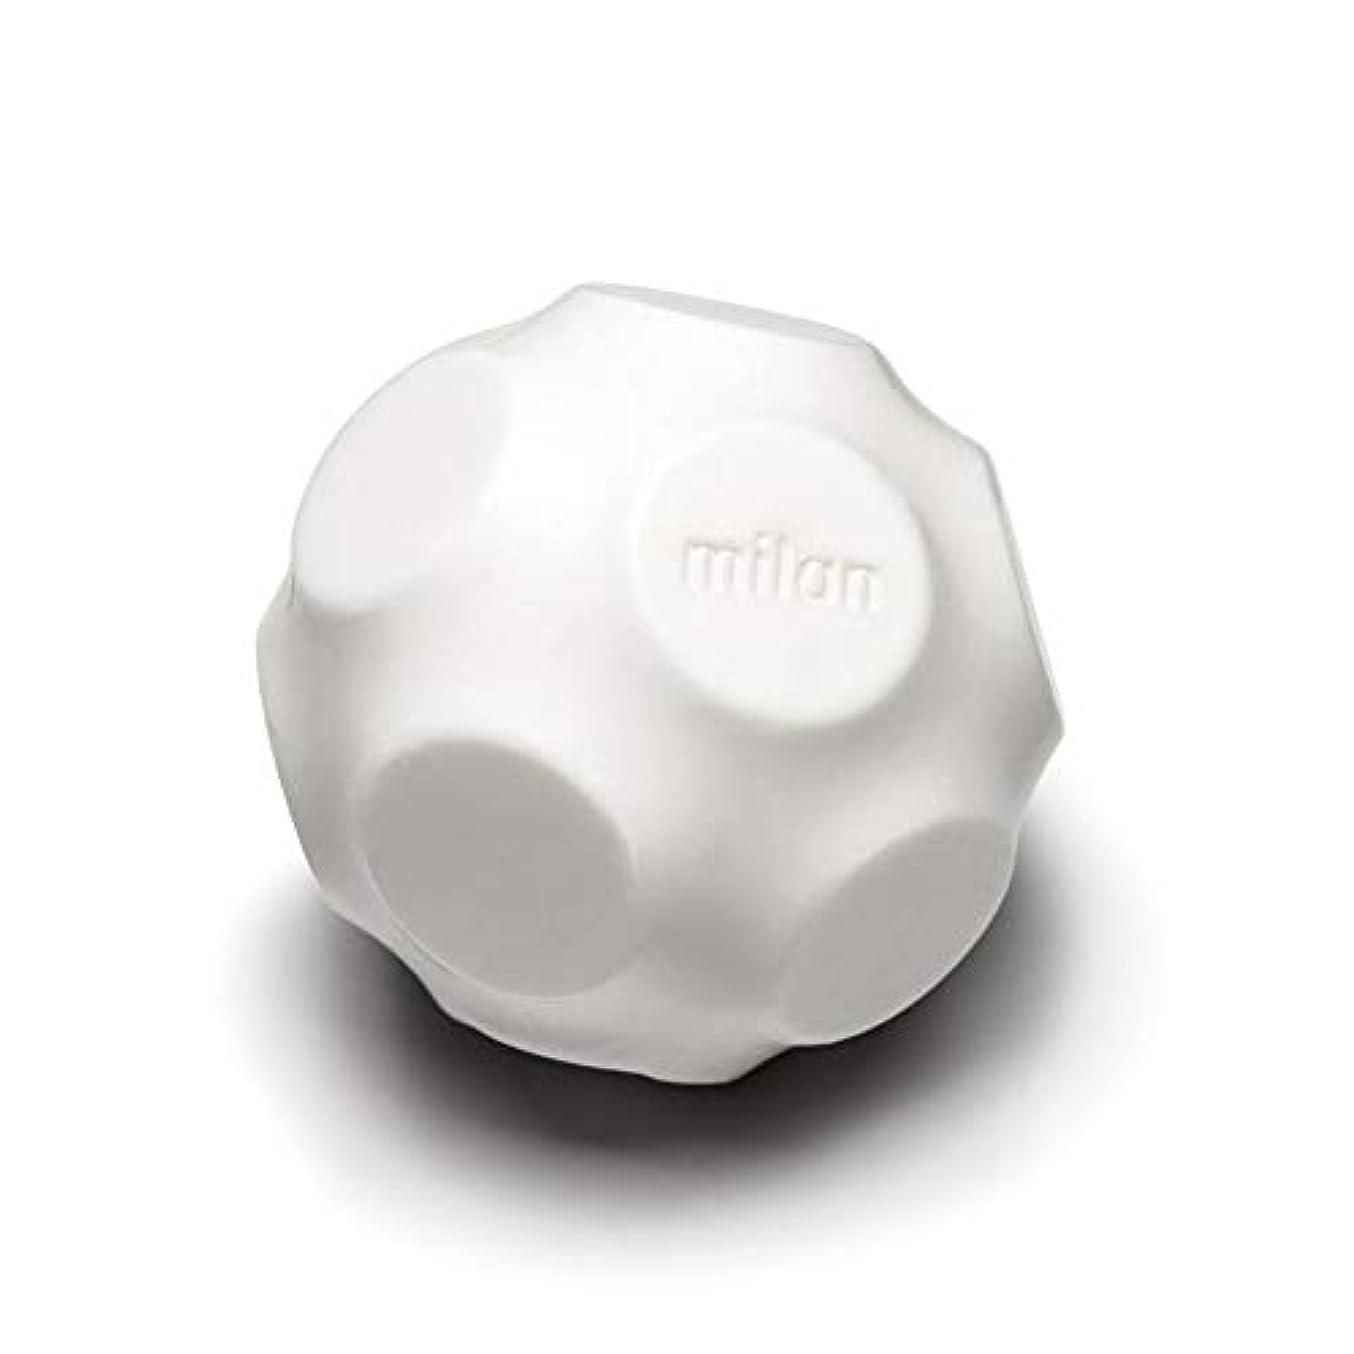 連合トリップ差別Maison Milan SIMONA ダイヤモンド粉 ホワイト 石鹸